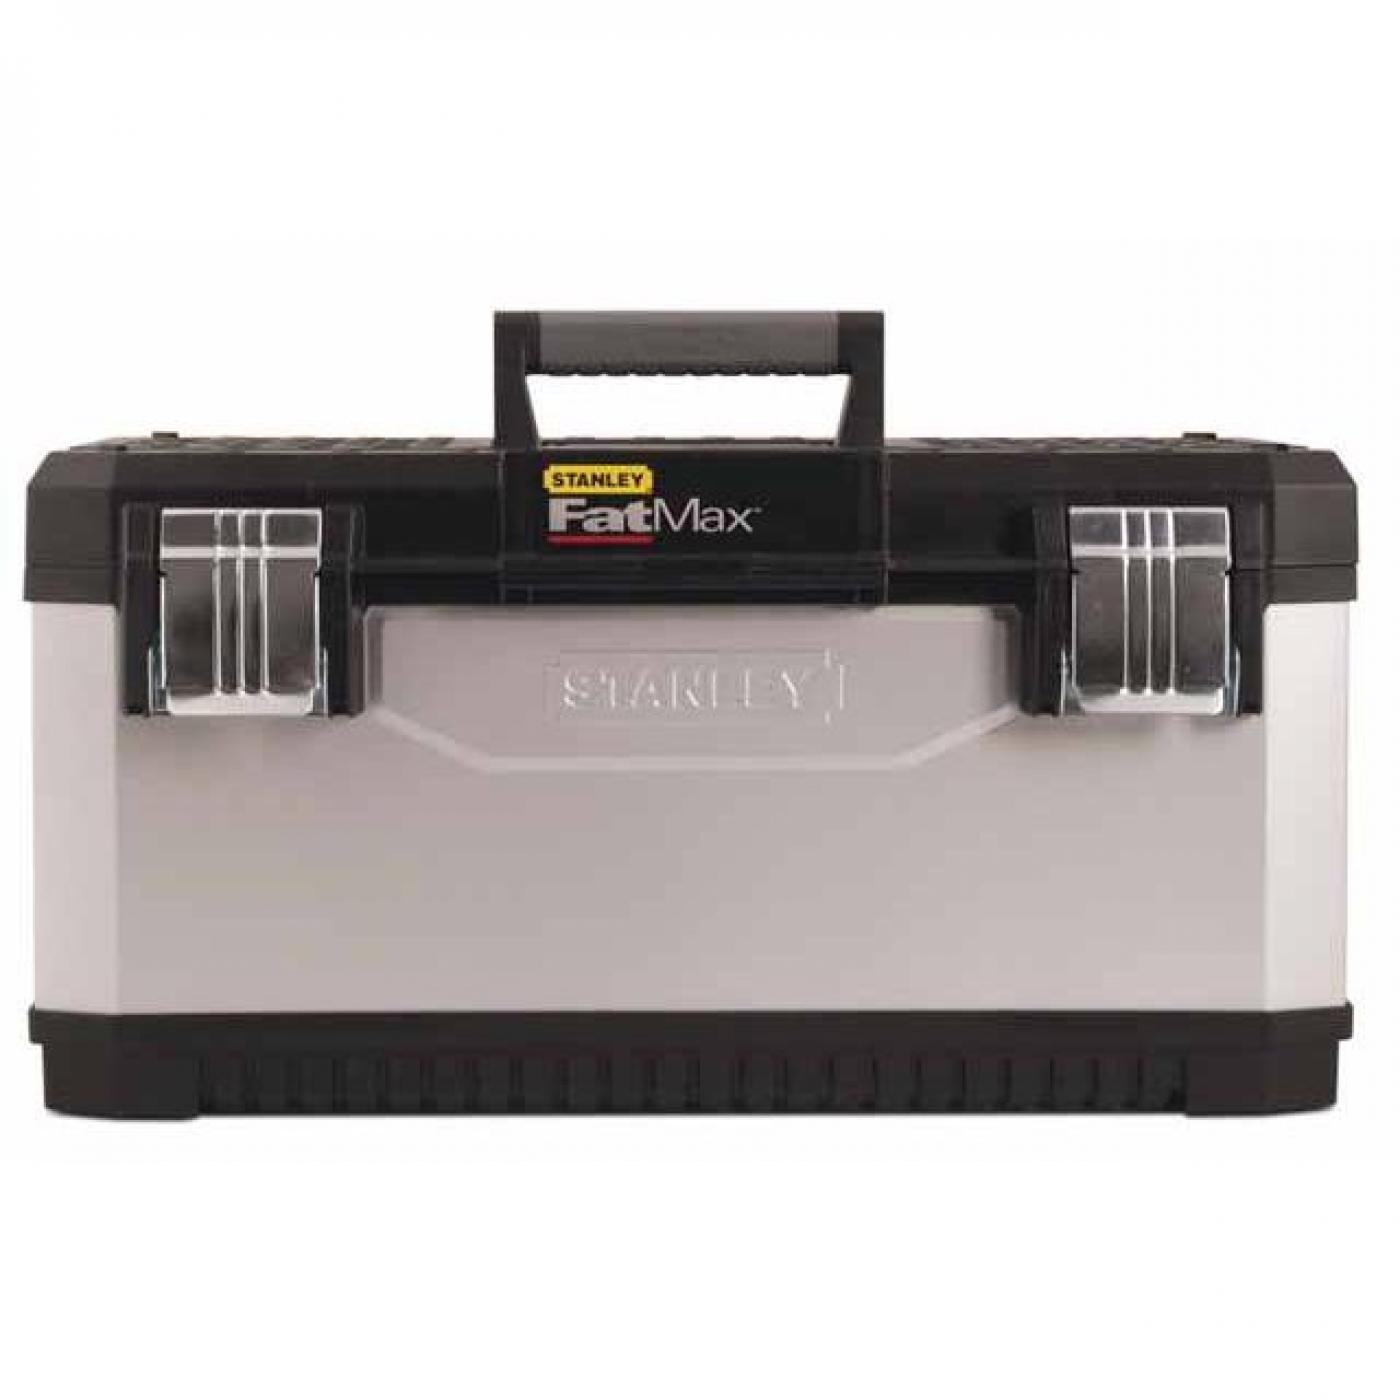 Caja de herramientas met lica fatmax stanley por 47 77 - Caja de herramientas metalica ...